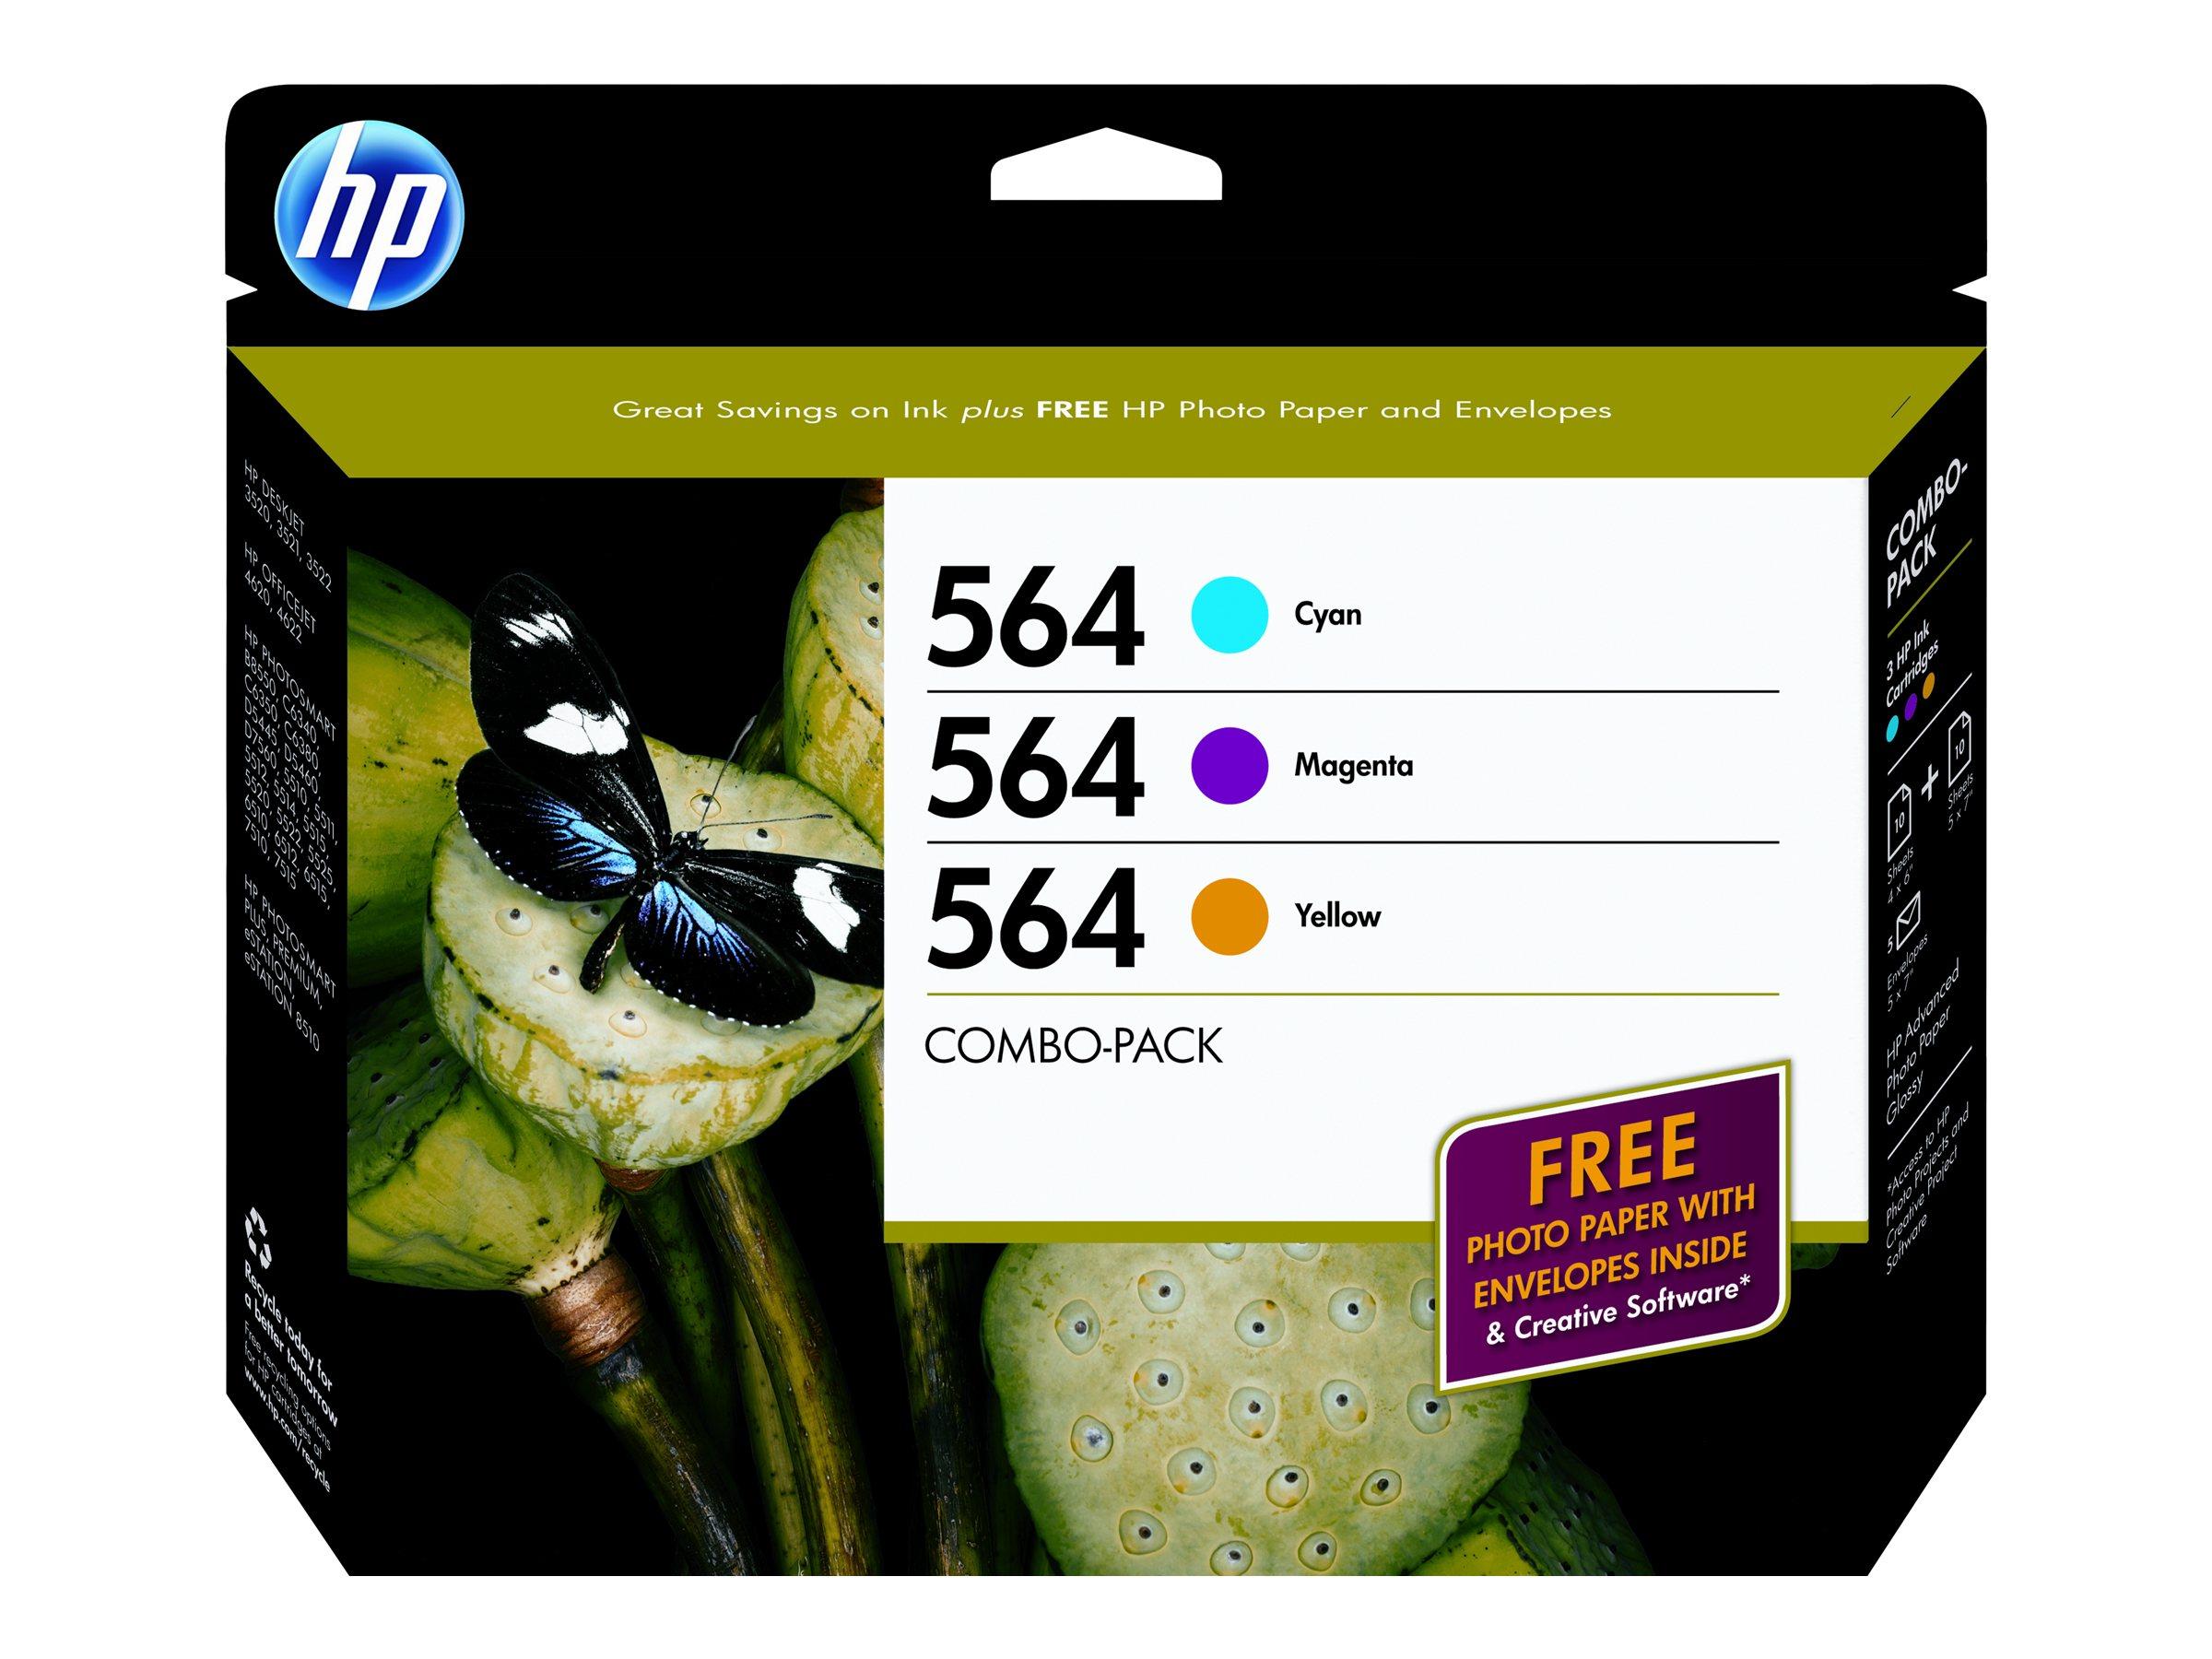 HP 564 (B3B33FN) 3-pack Cyan Magenta Yellow Original Ink Cartridges w  Photo Paper